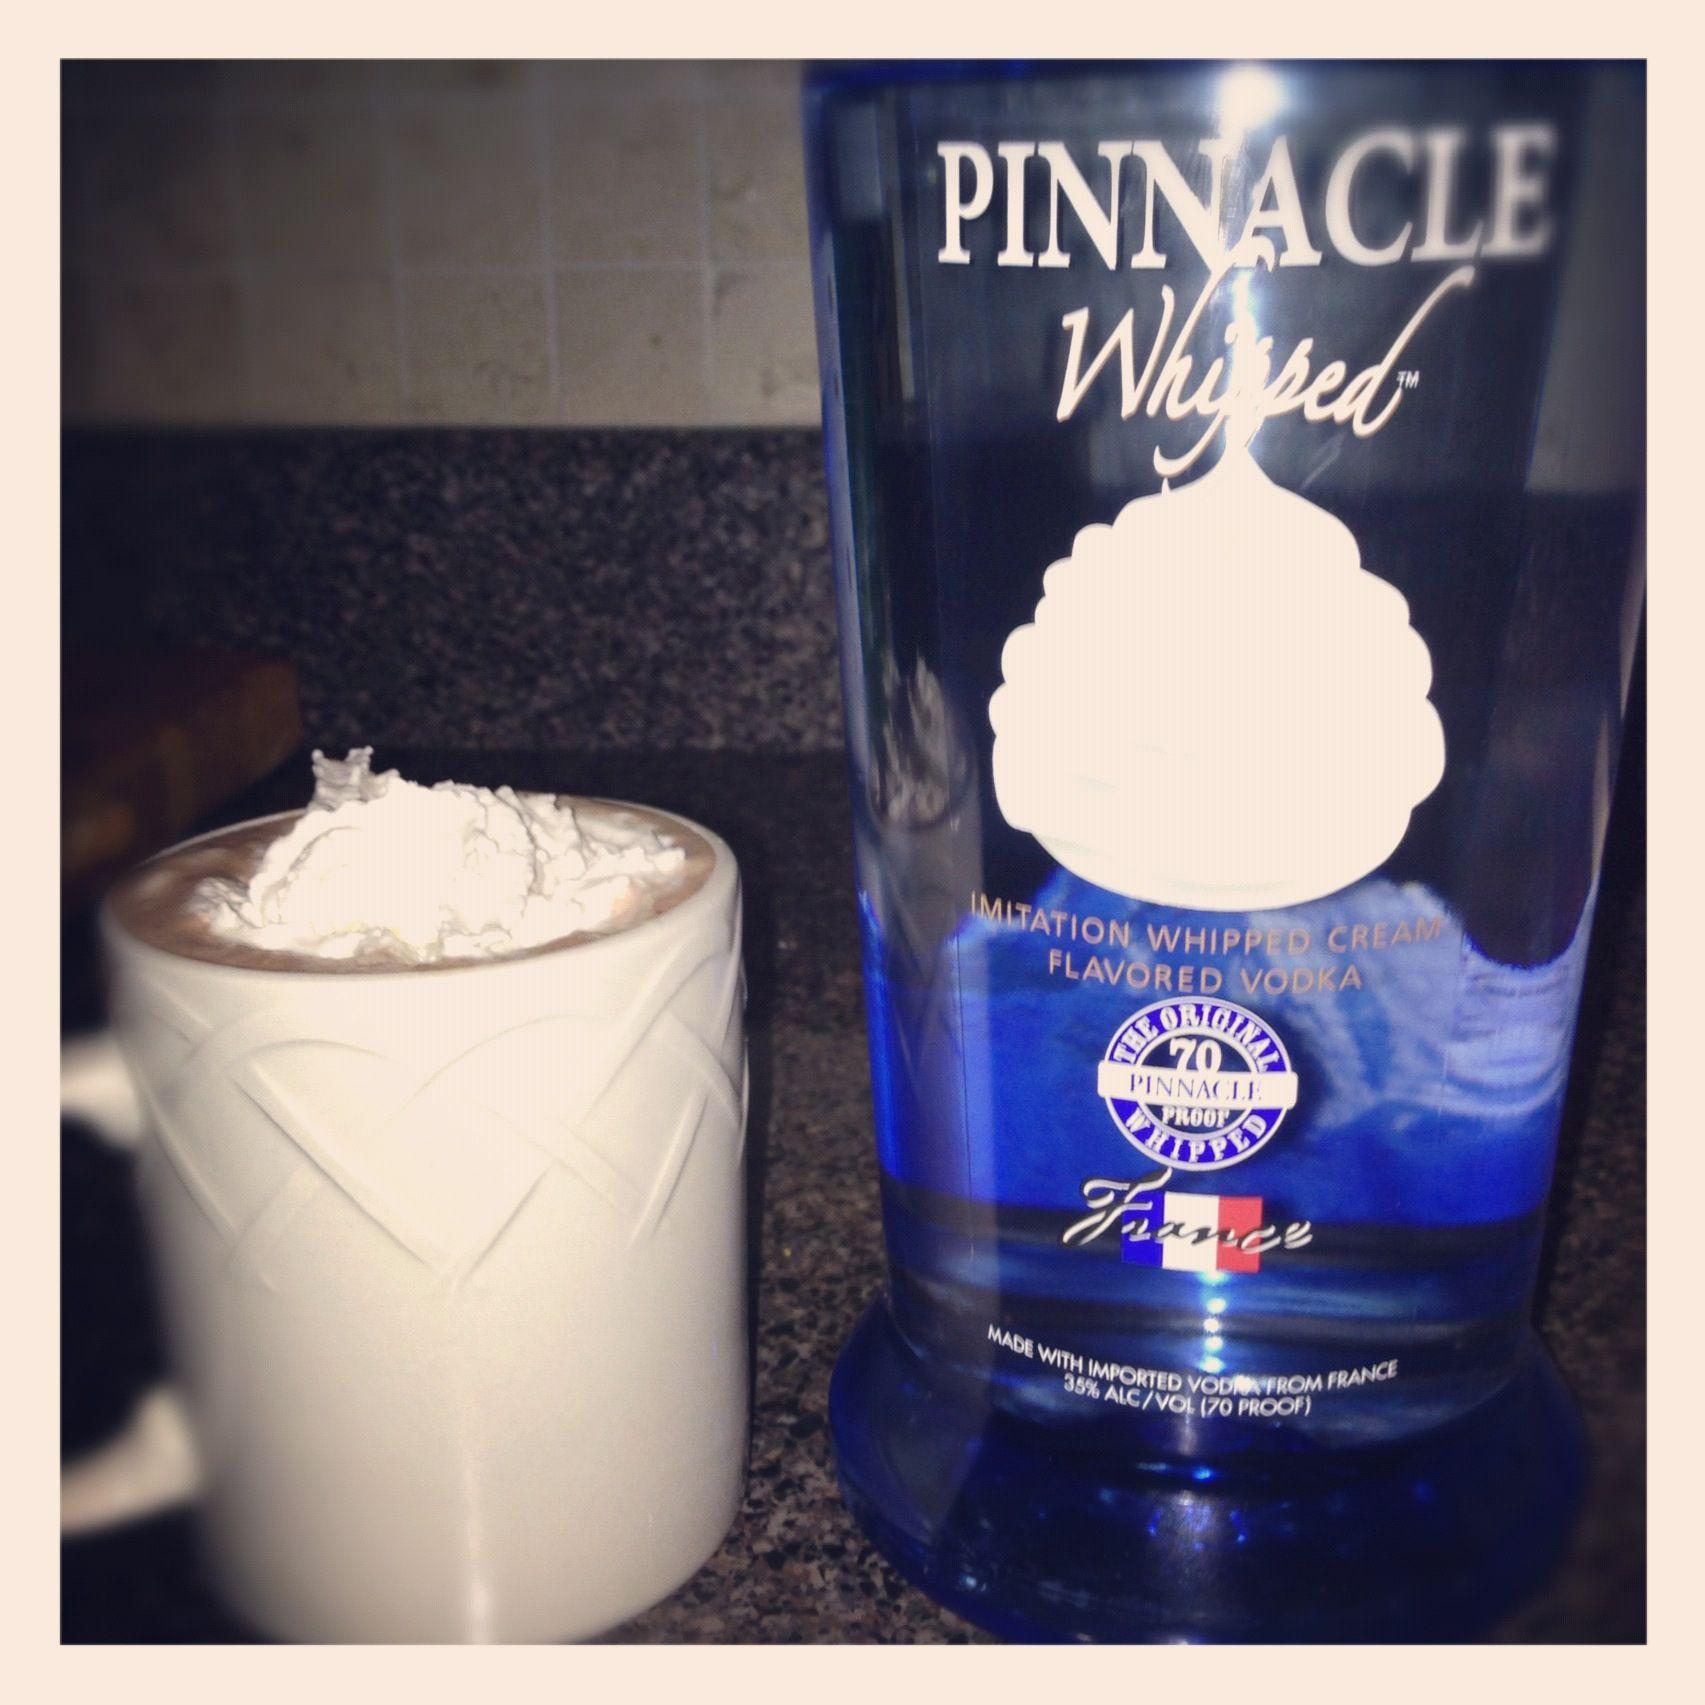 Hot Chocolate + Pinnacle Whipped Cream Vodka= YUM